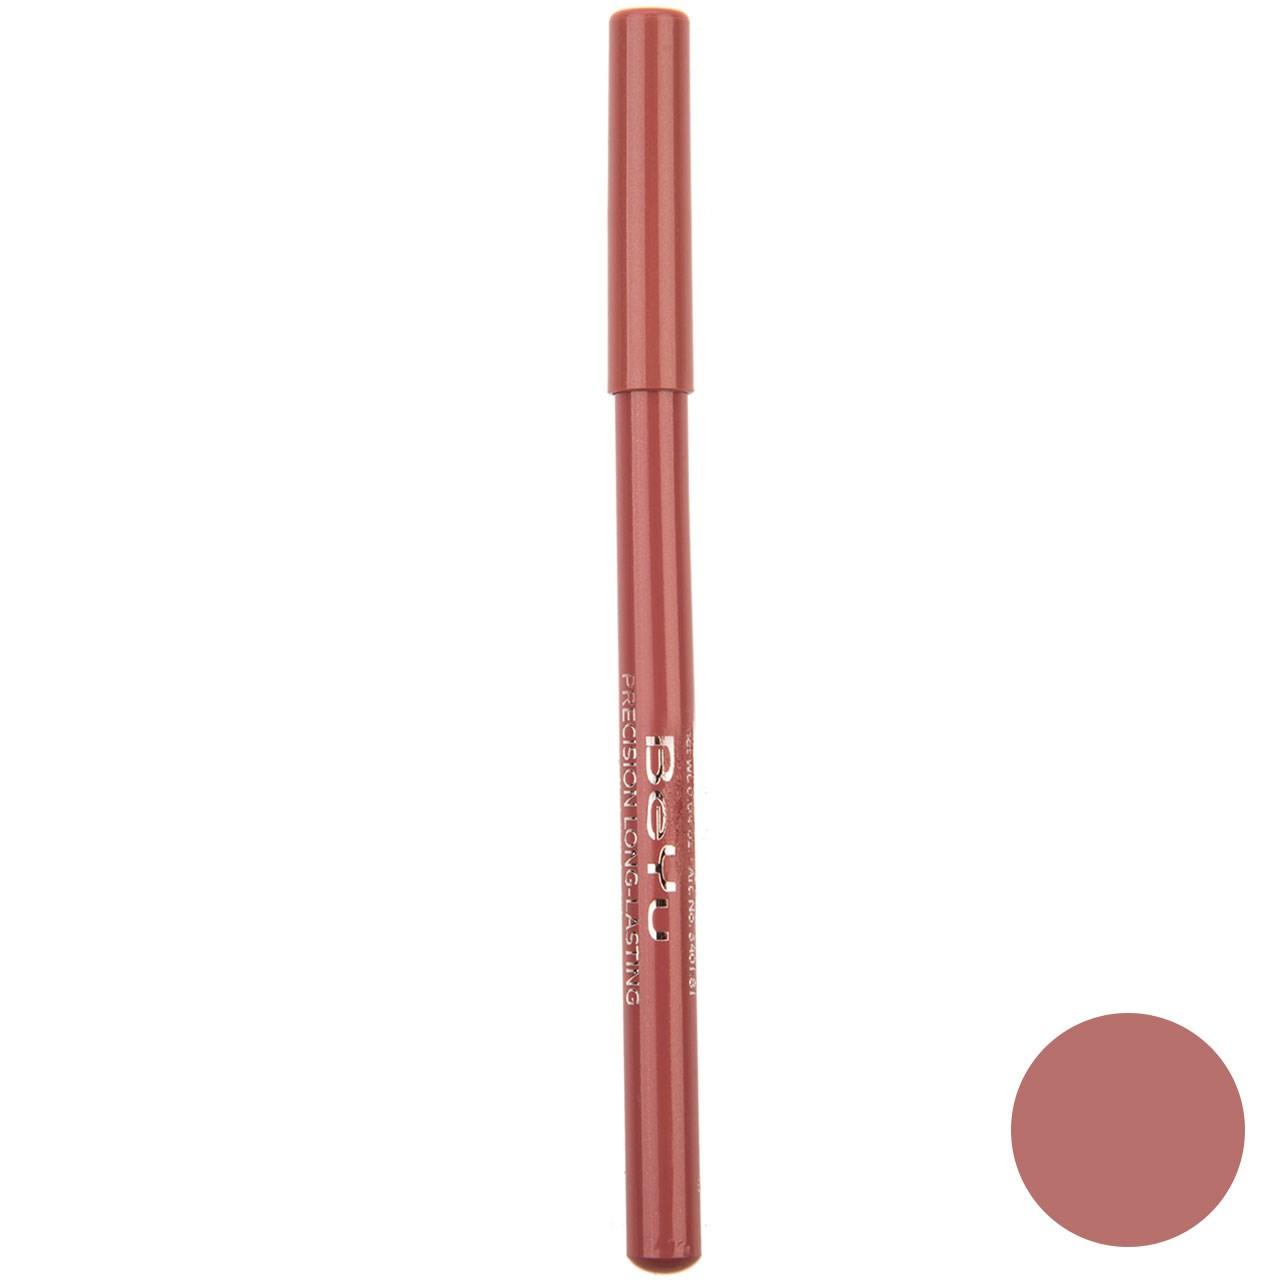 مداد لب بی یو مدل Long Lasting شماره 81